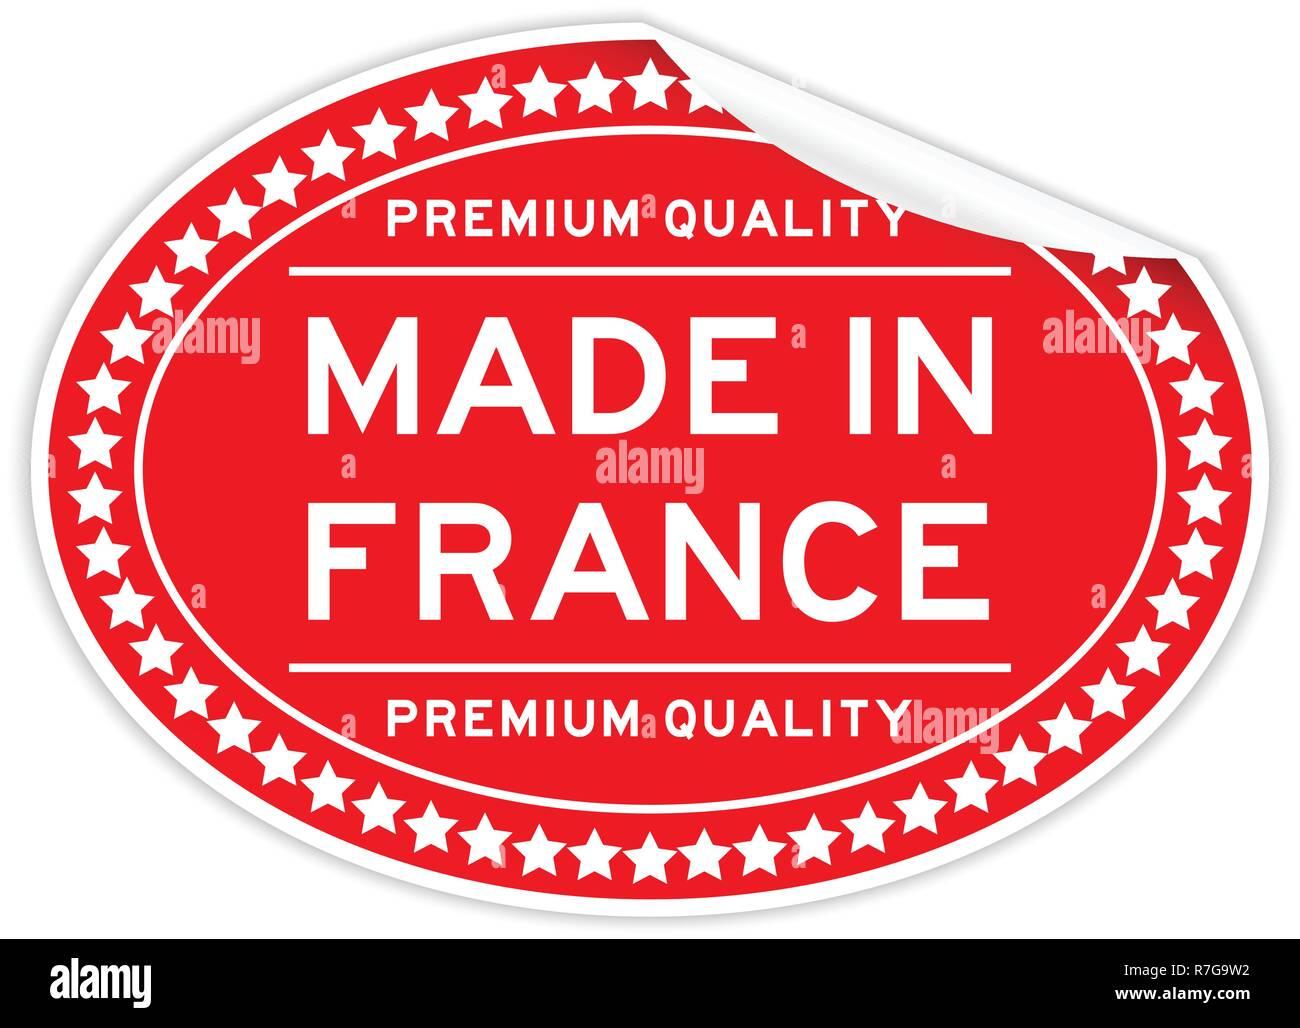 Ziehen Sie Premium Qualität In Frankreich Wort Rot Farbe